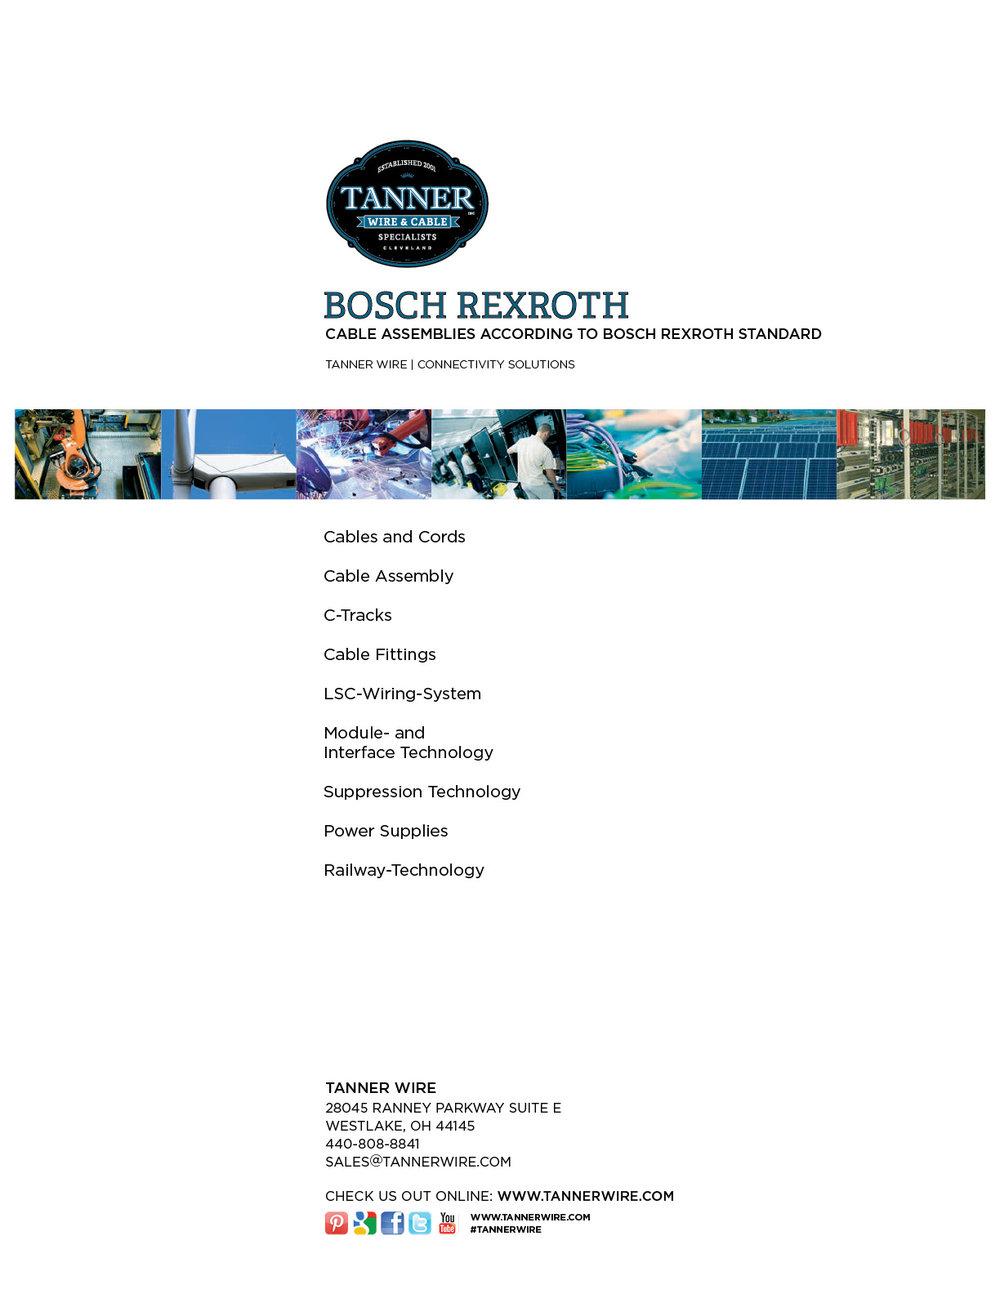 1707-B-Bosch12.jpg